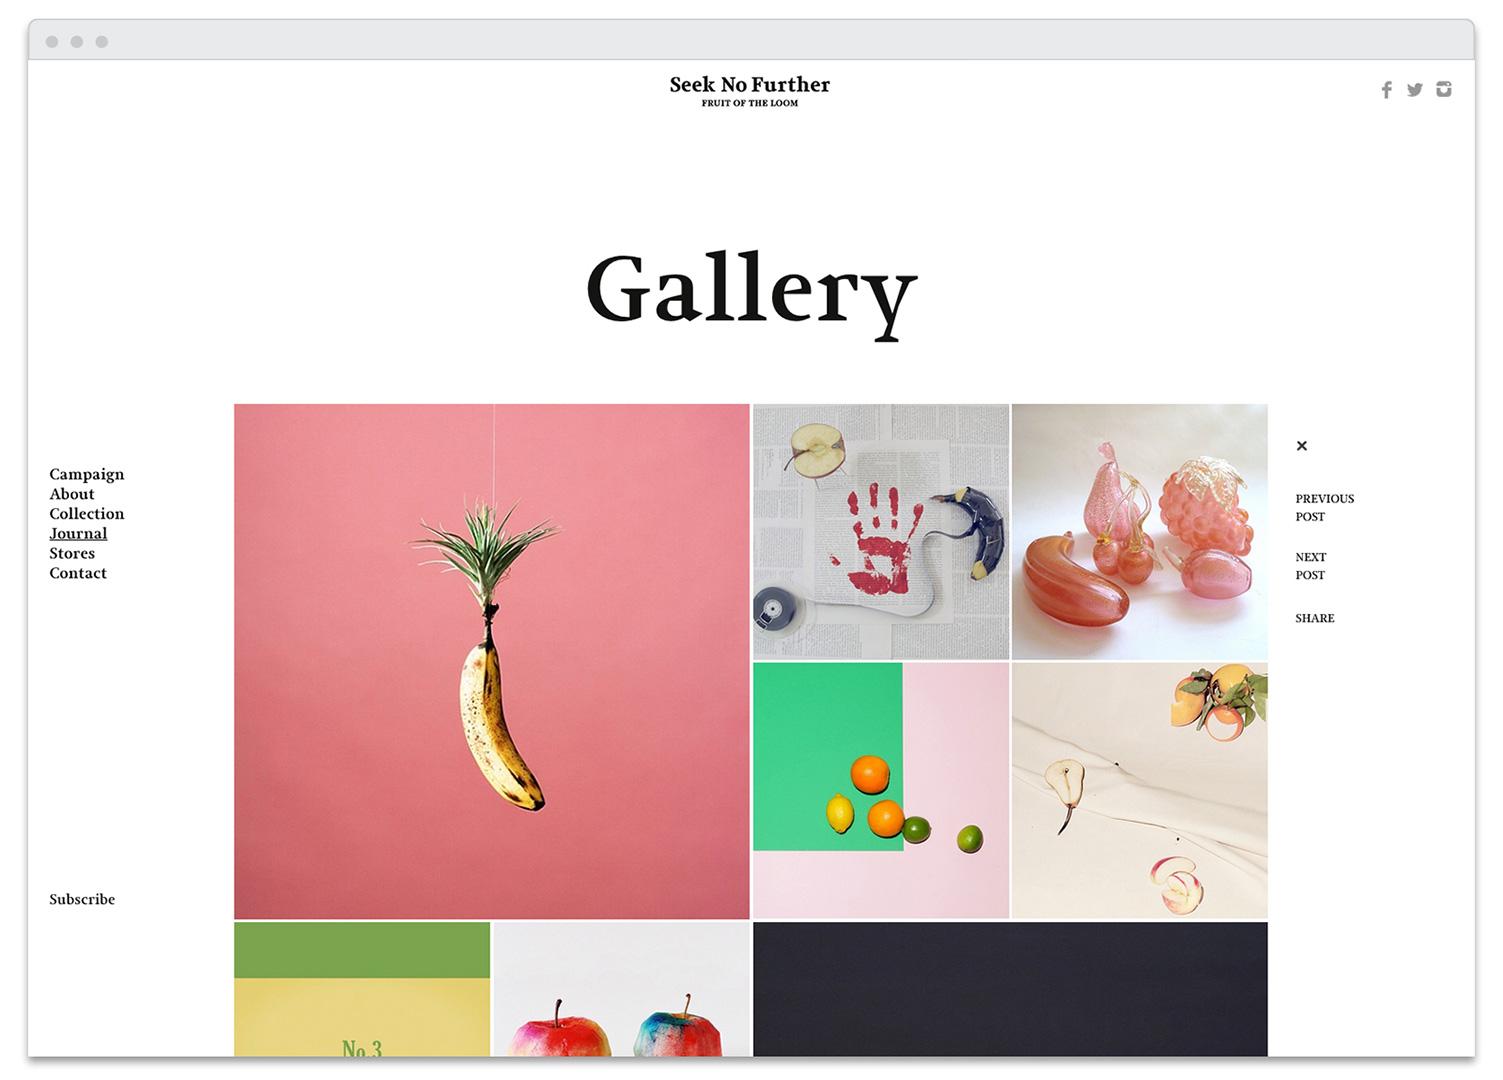 SeekNoFurther-gallery